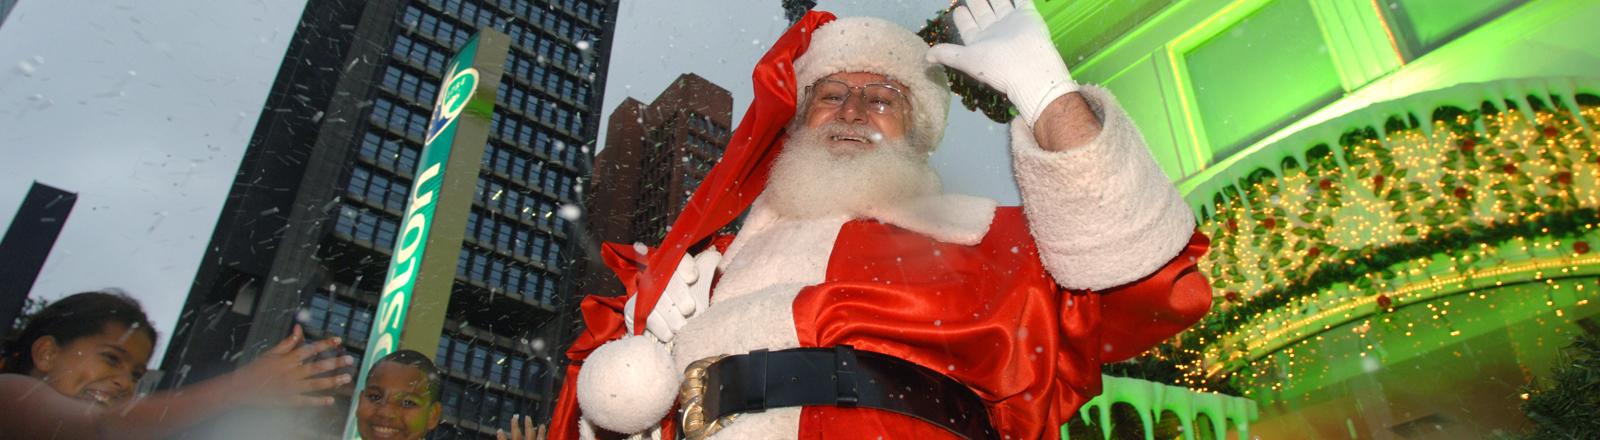 """Der Weihnachtsmann """"Papa Noel"""" winkt am Samstag (10.12.2005) vor der beleuchteten Skyline der Avenida Paulista im Zentrum der brasilianischen Wirtschaftsmetropole Sao Paulo in die Kamera, Kinder jubeln dem Weinachtsmann begeistert zu."""